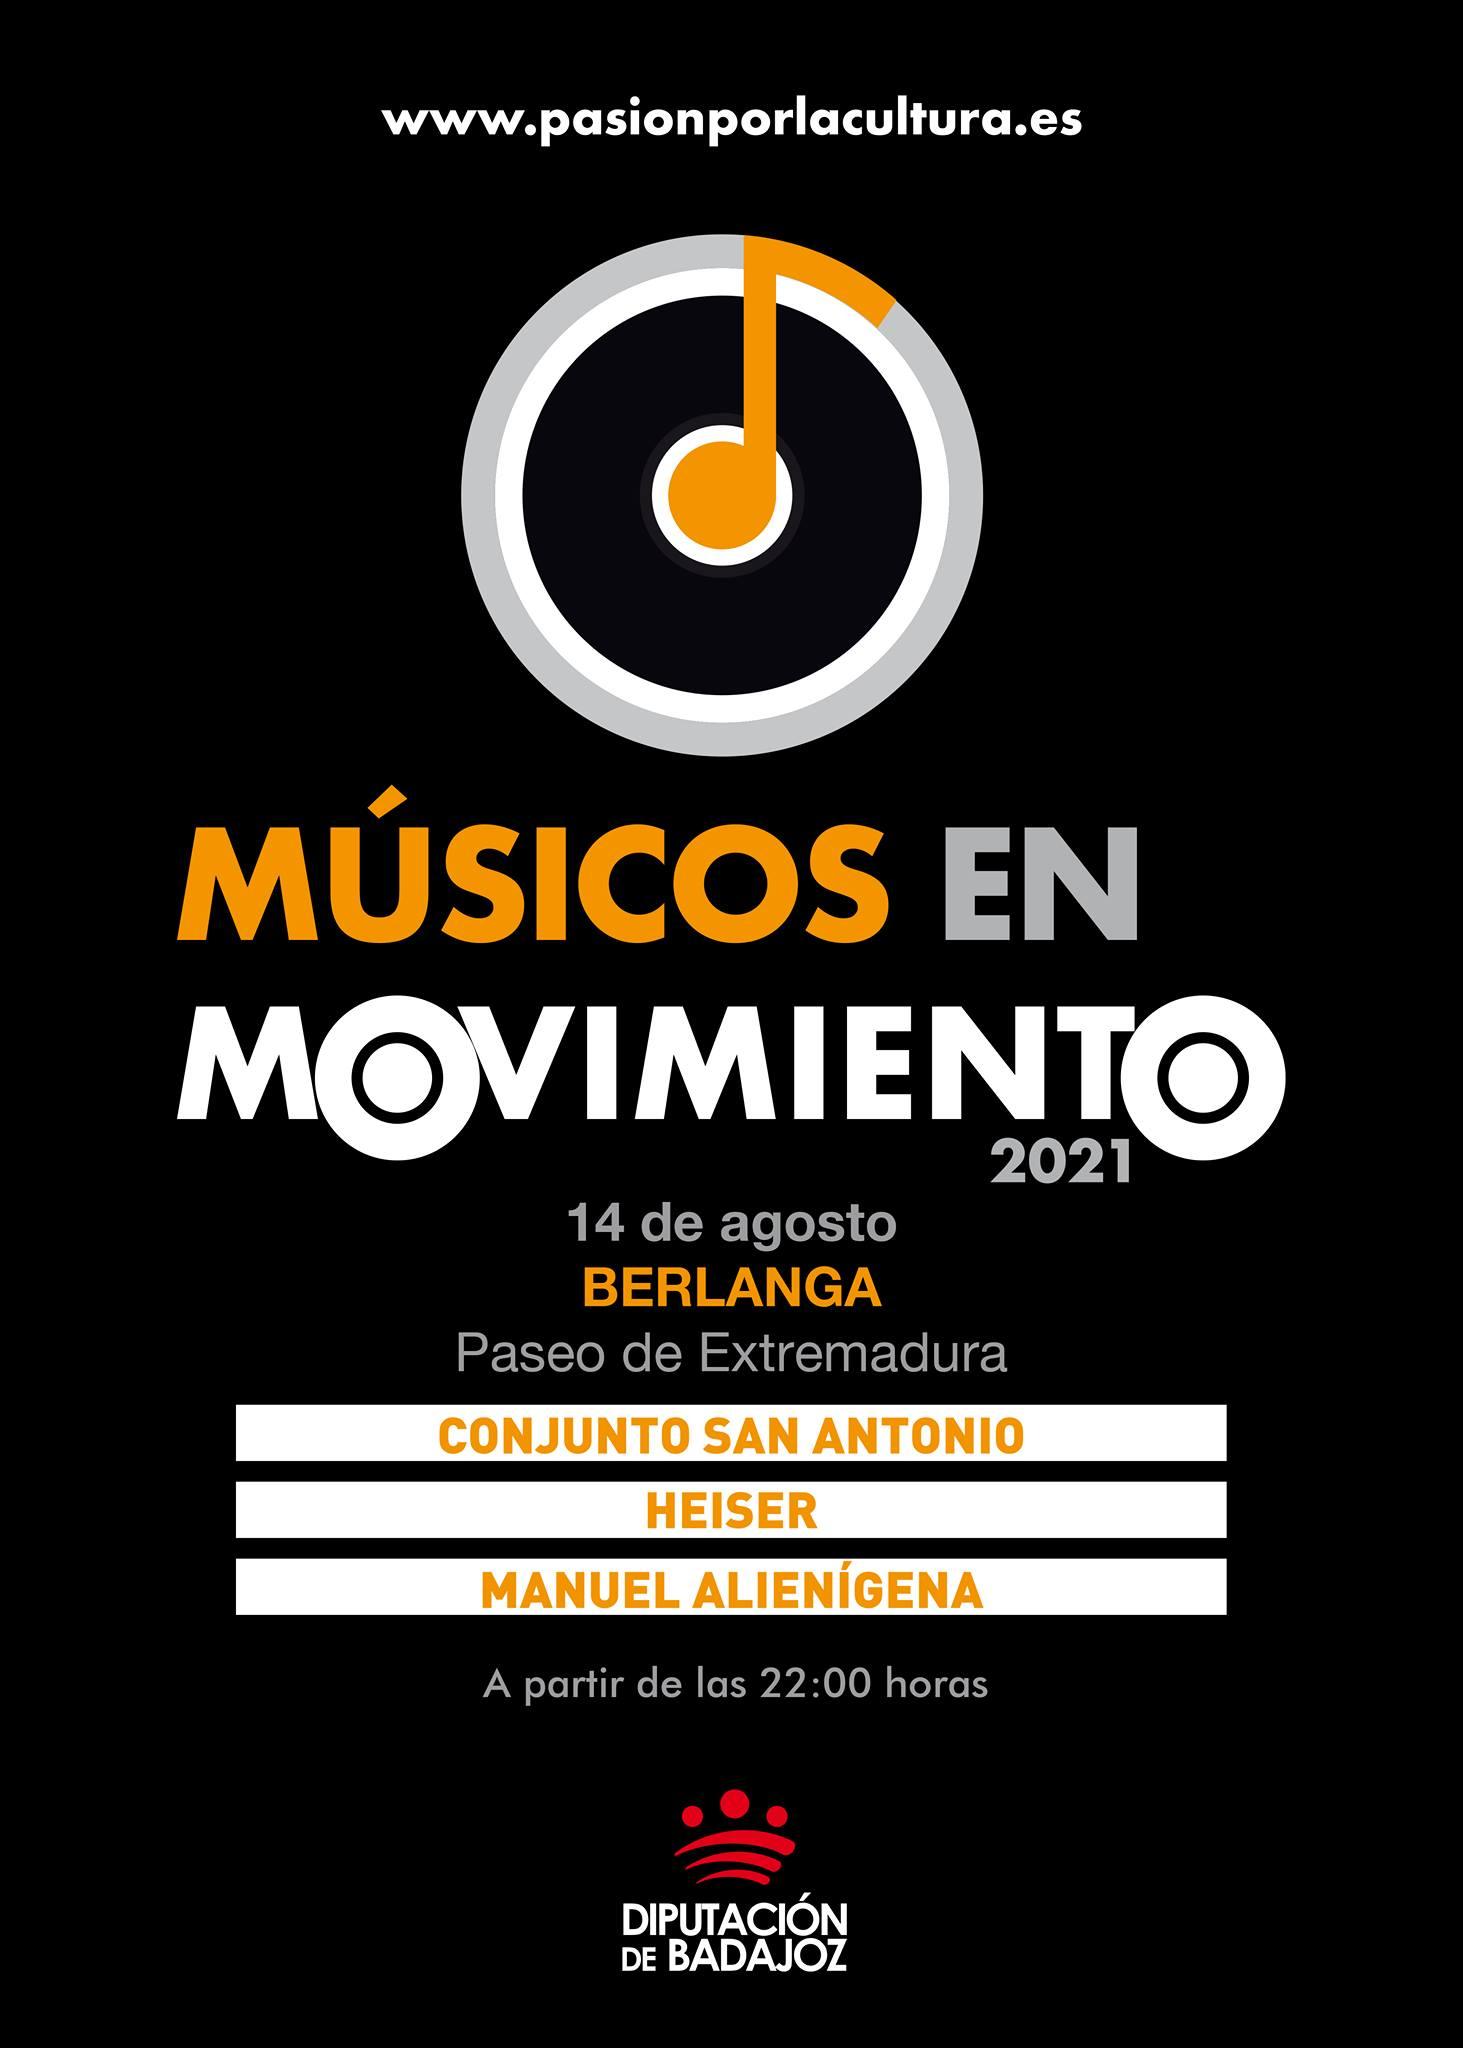 MÚSICOS EN MOVIMIENTO | Conjunto San Antonio + Heiser + Manuel Alienígena